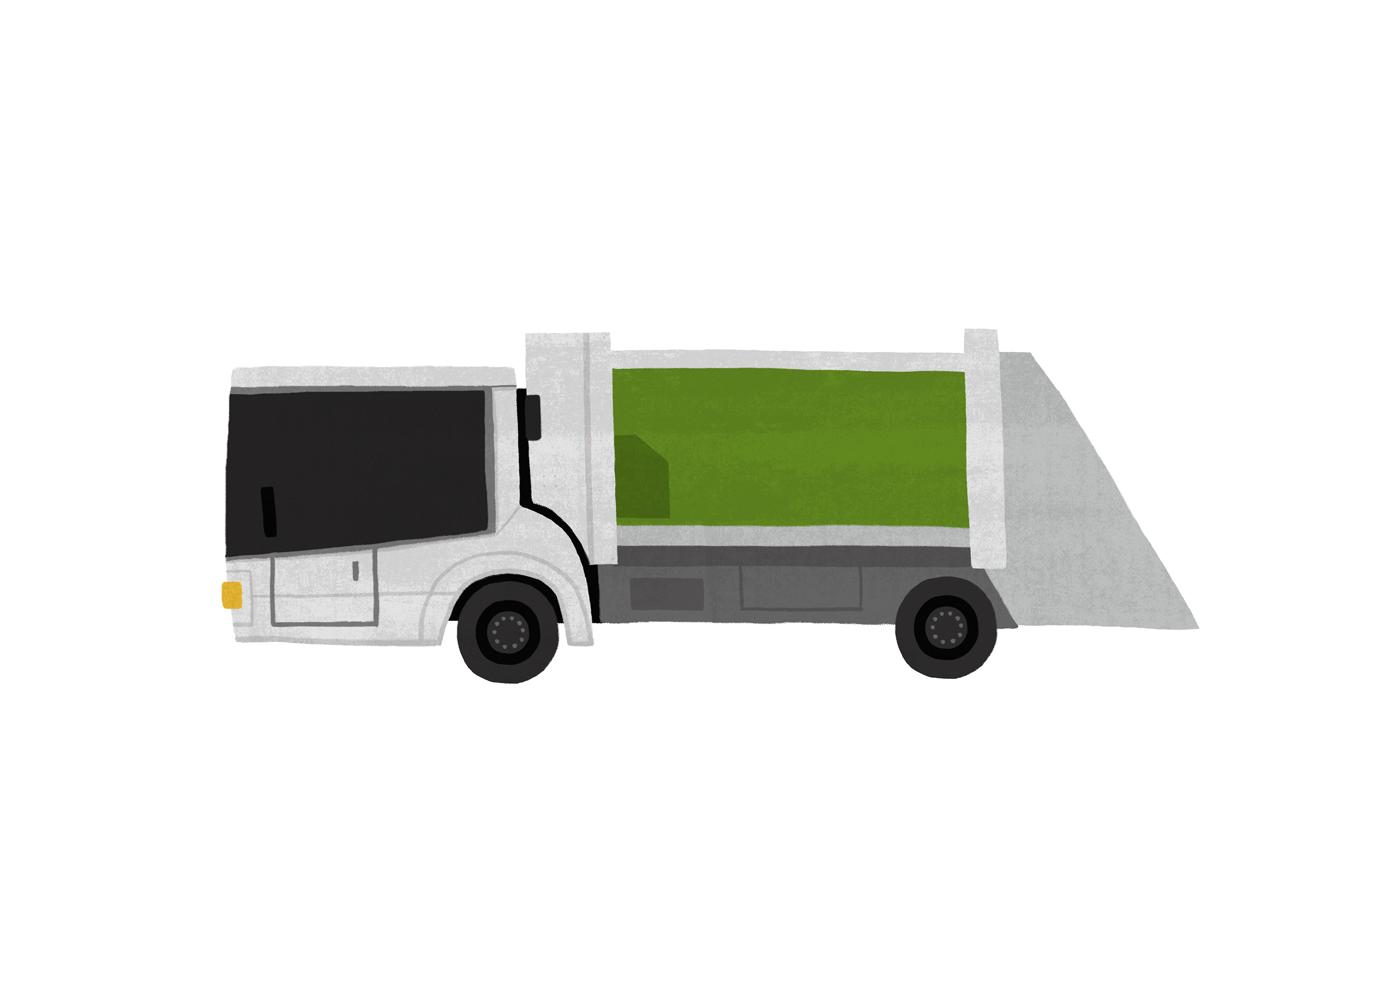 2d illustrasjon av en soeppelbil for matprat sin forklaringsfilm om matsvinn